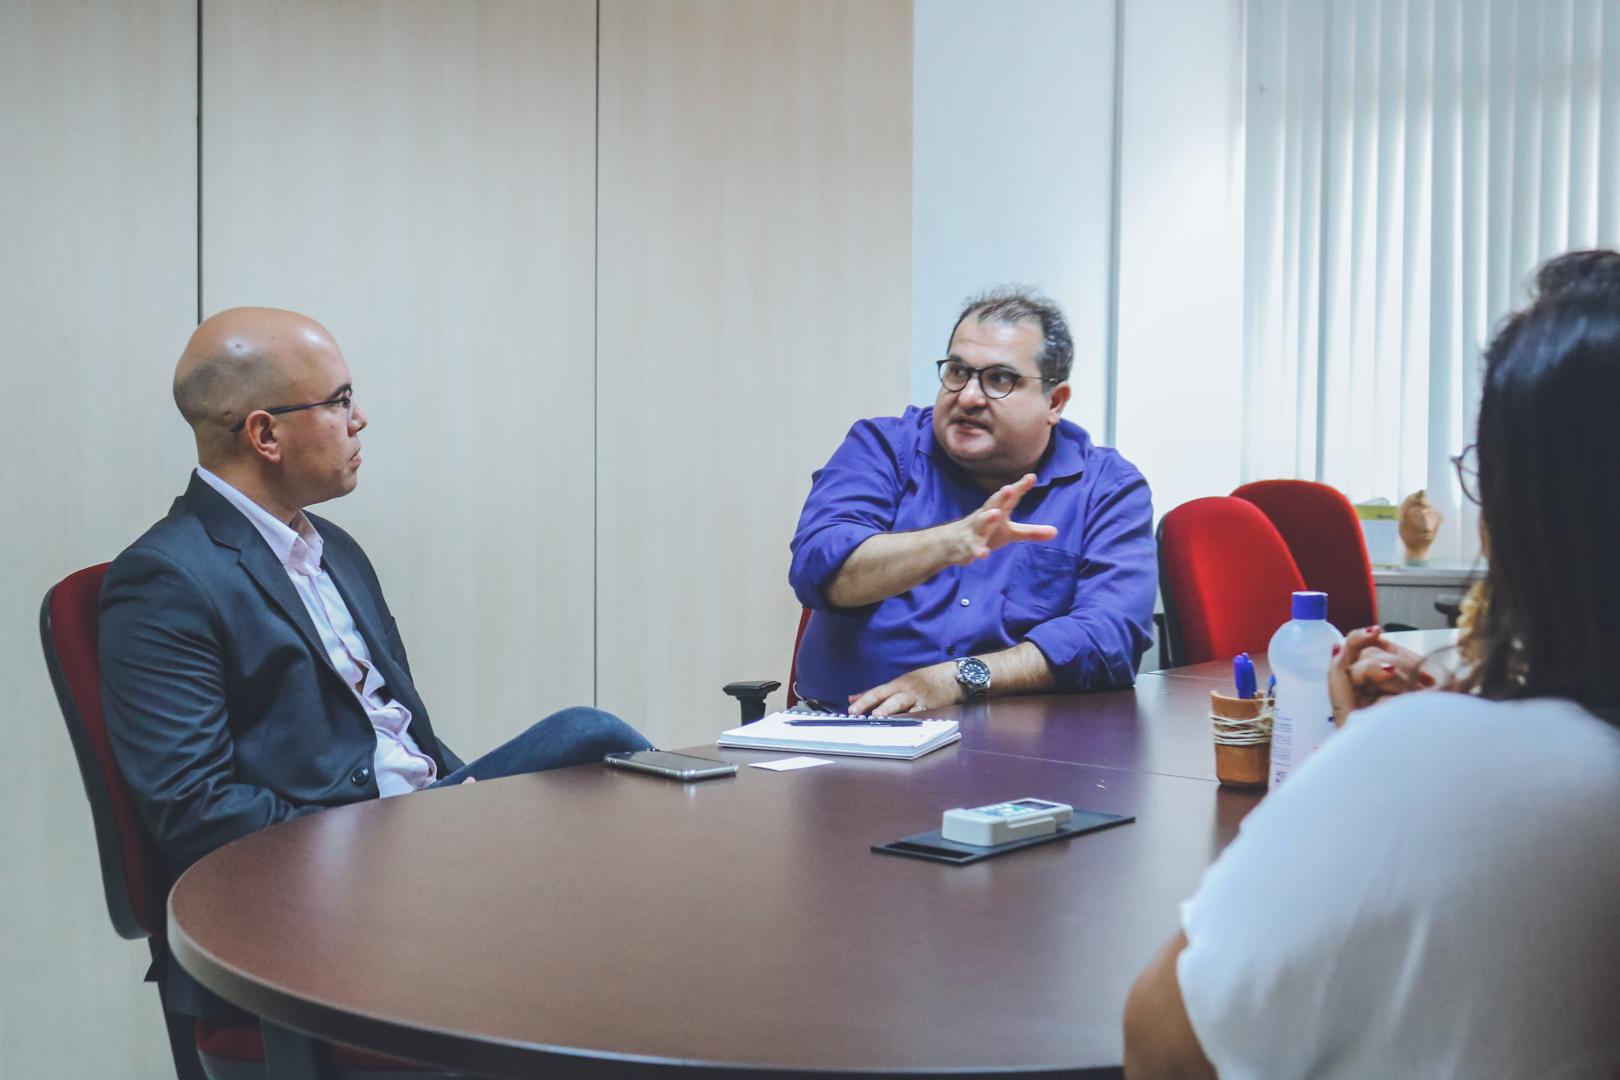 MEDIDA PREVENTIVA: Governo se reúne com bancos públicos para conter impactos econômicos em Alagoas